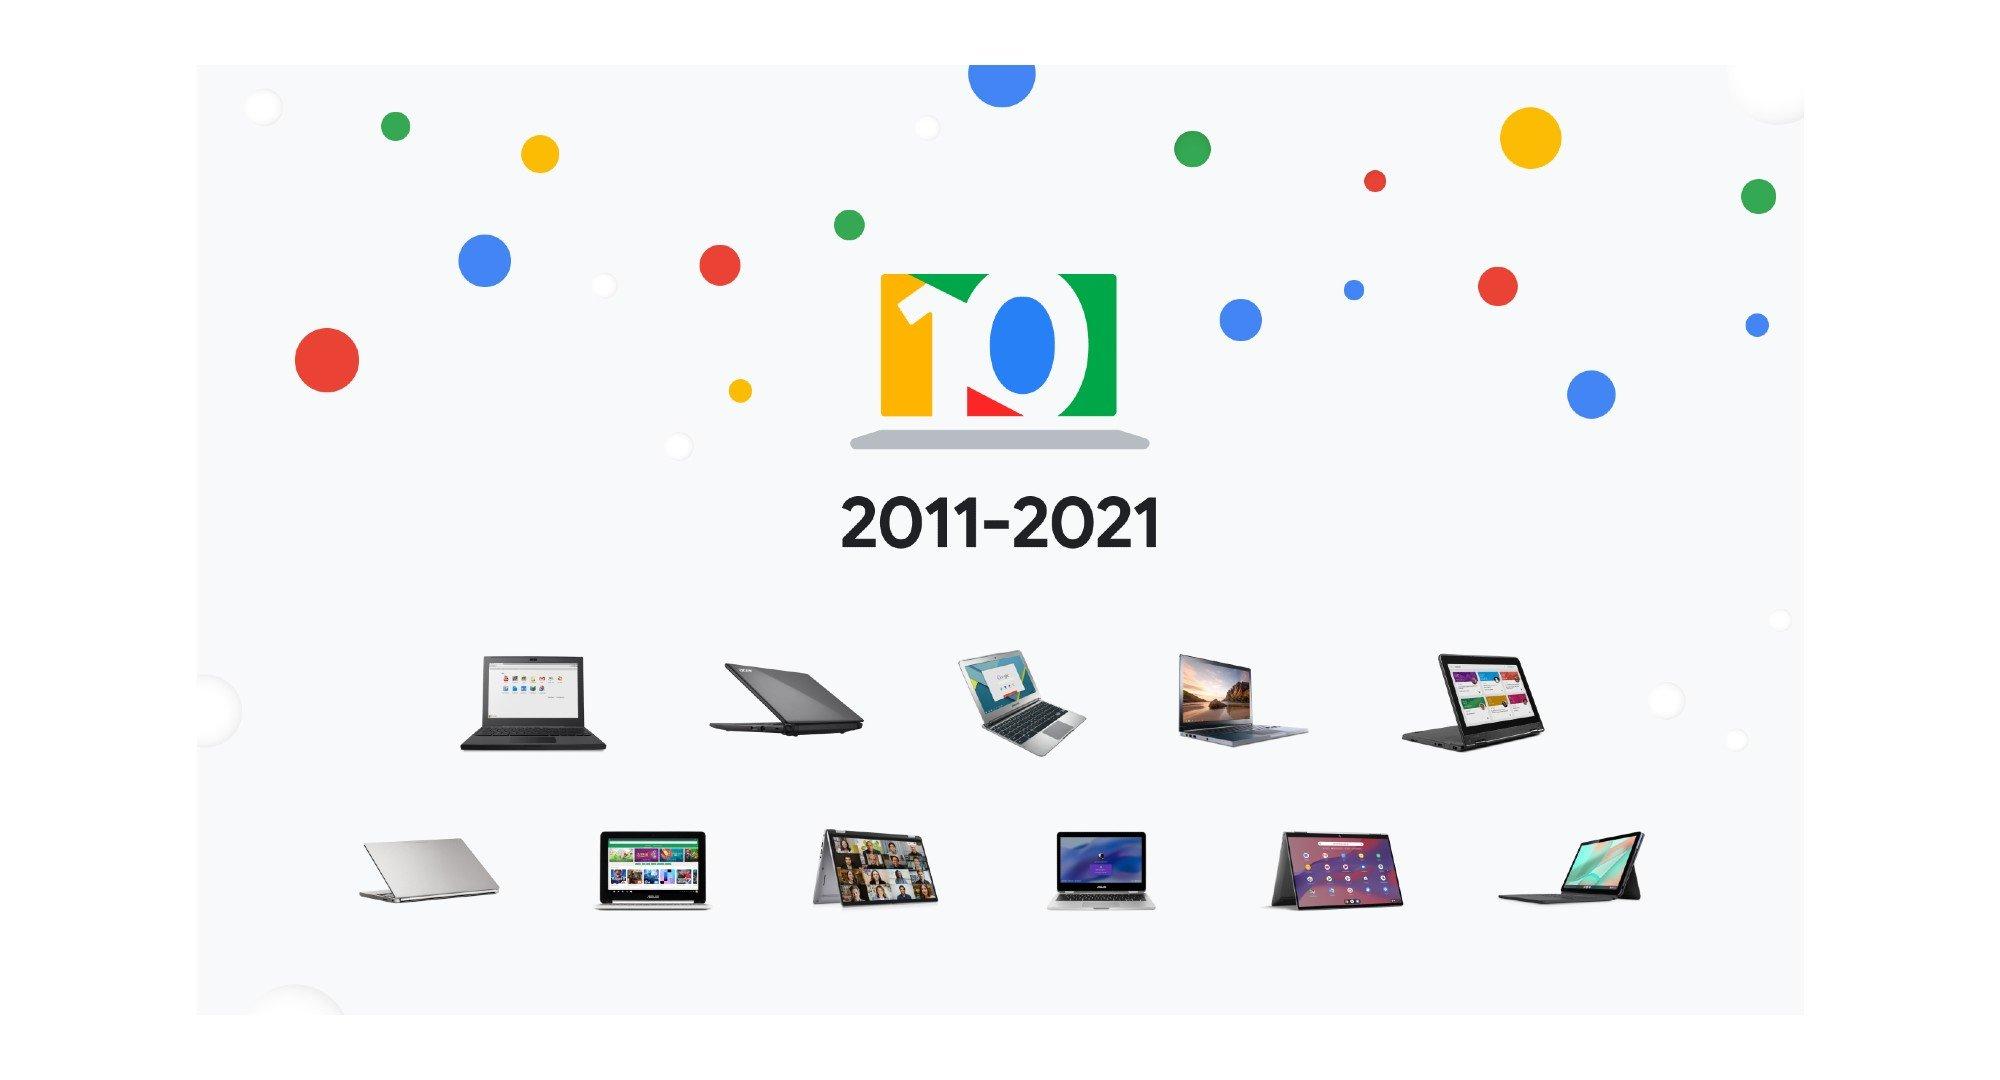 Trasformare un browser in un sistema operativo, la scommessa riuscita di Google: Chrome OS compie 10 anni